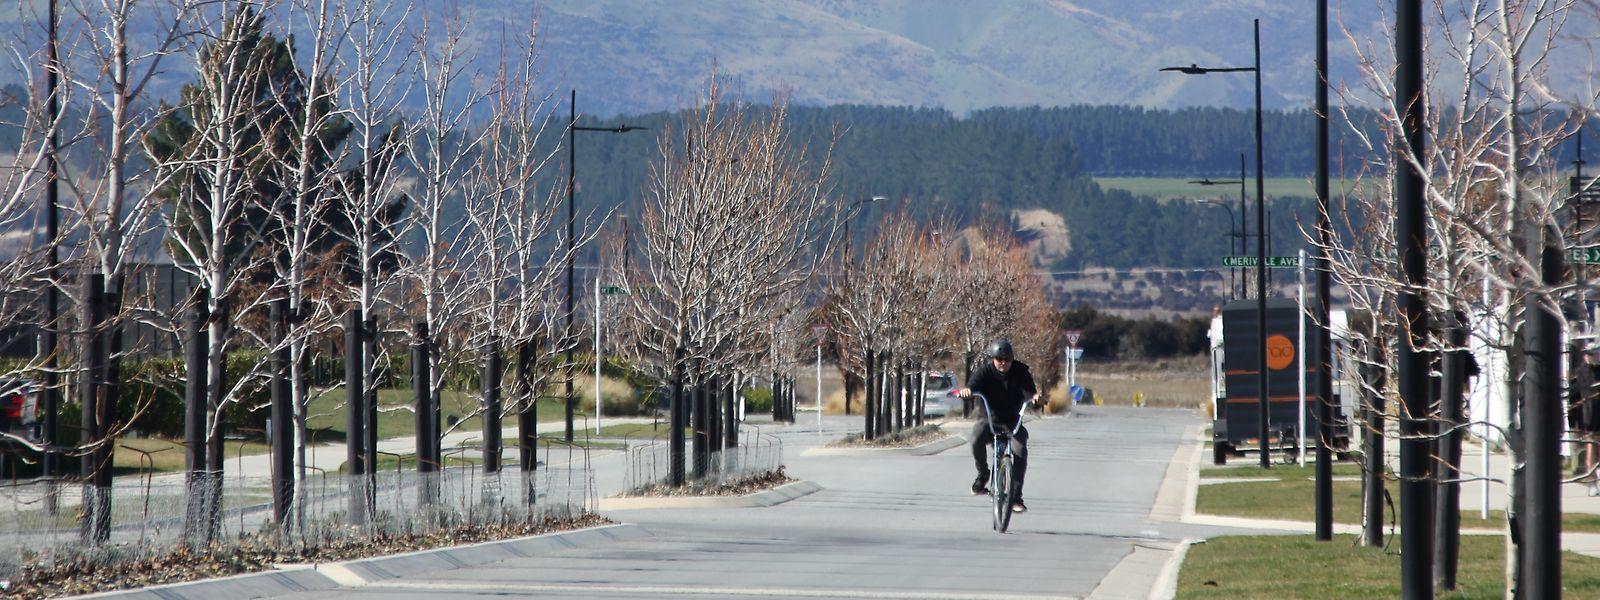 Auf den Straßen von Wanaka, einer kleinen Stadt im Queenstown-Lakes District der Region Otago auf der Südinsel von Neuseeland, war während des Lockdowns kaum etwas los.